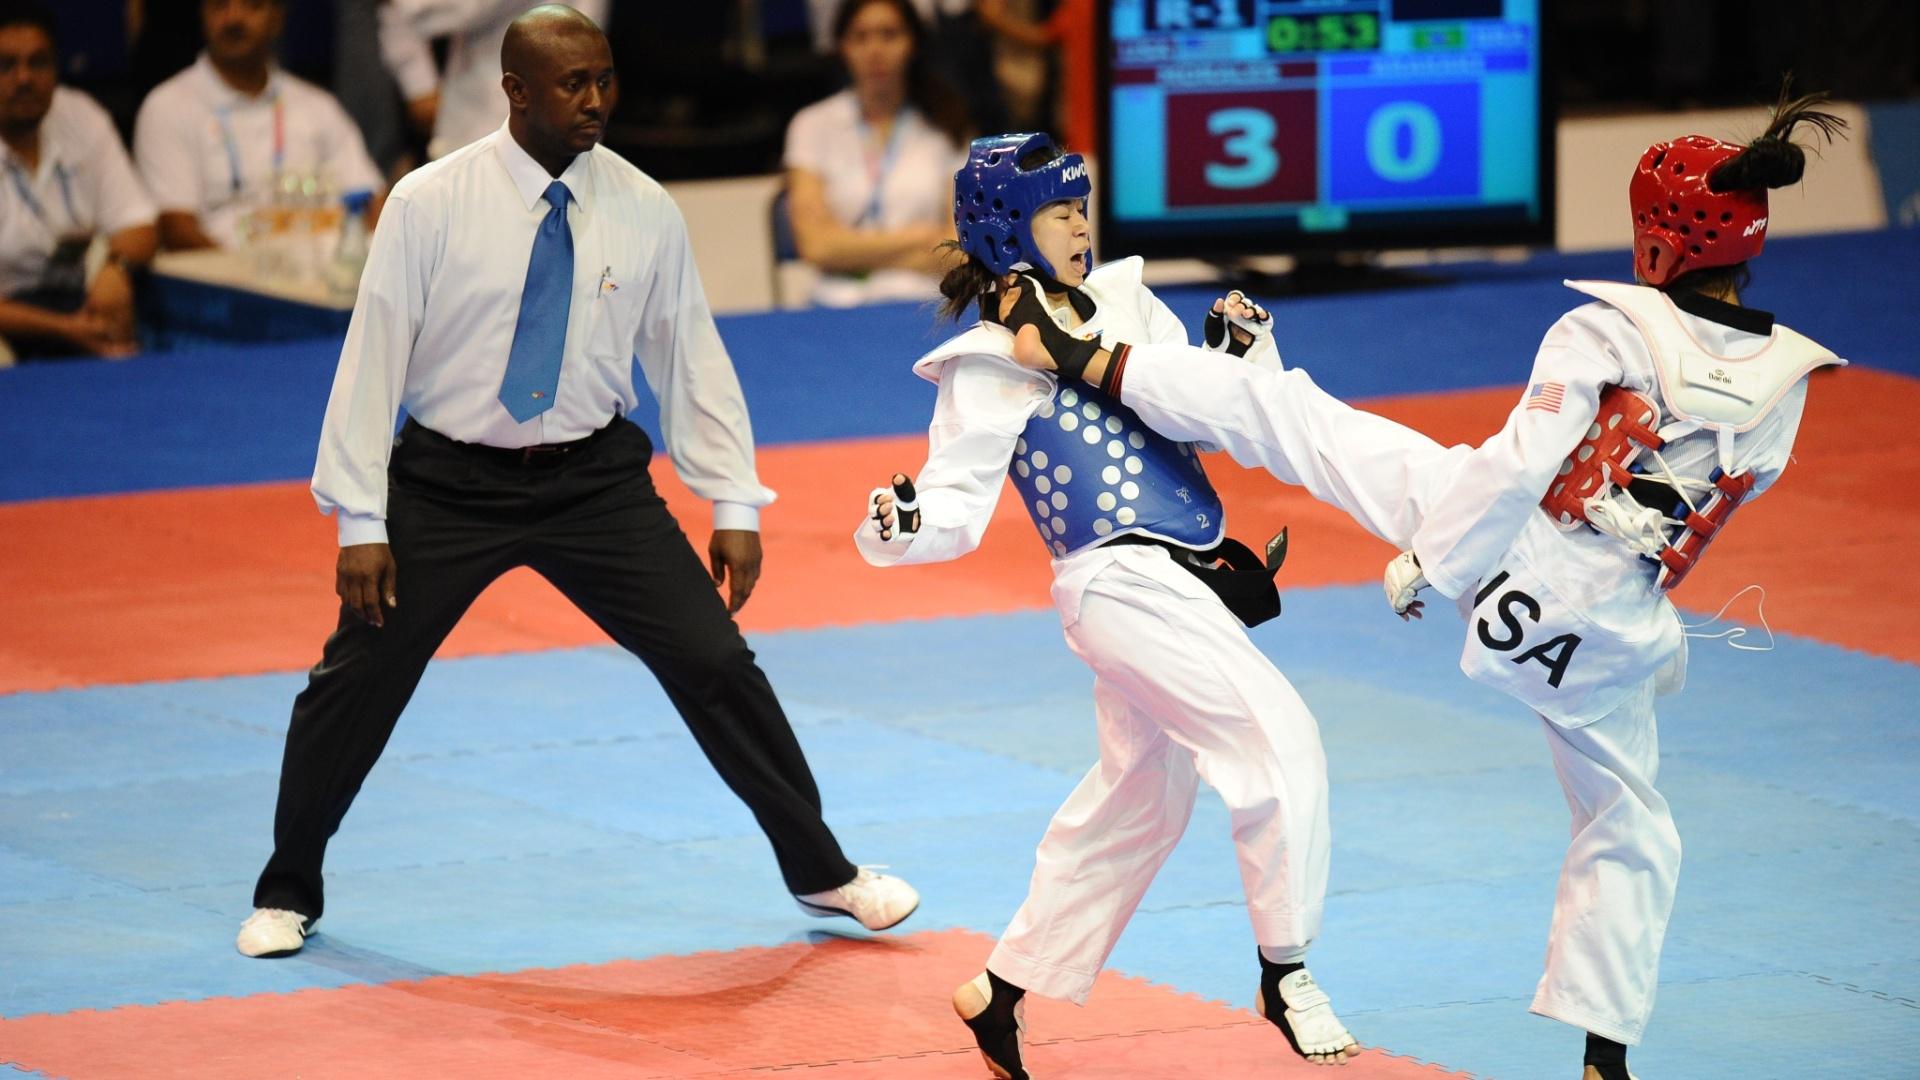 Katia Arakaki, à esquerda, foi derrotada pela norte-americana Deireanne Morales nas quartas da categoria até 49kg, no taekwondo (15/10/2011)